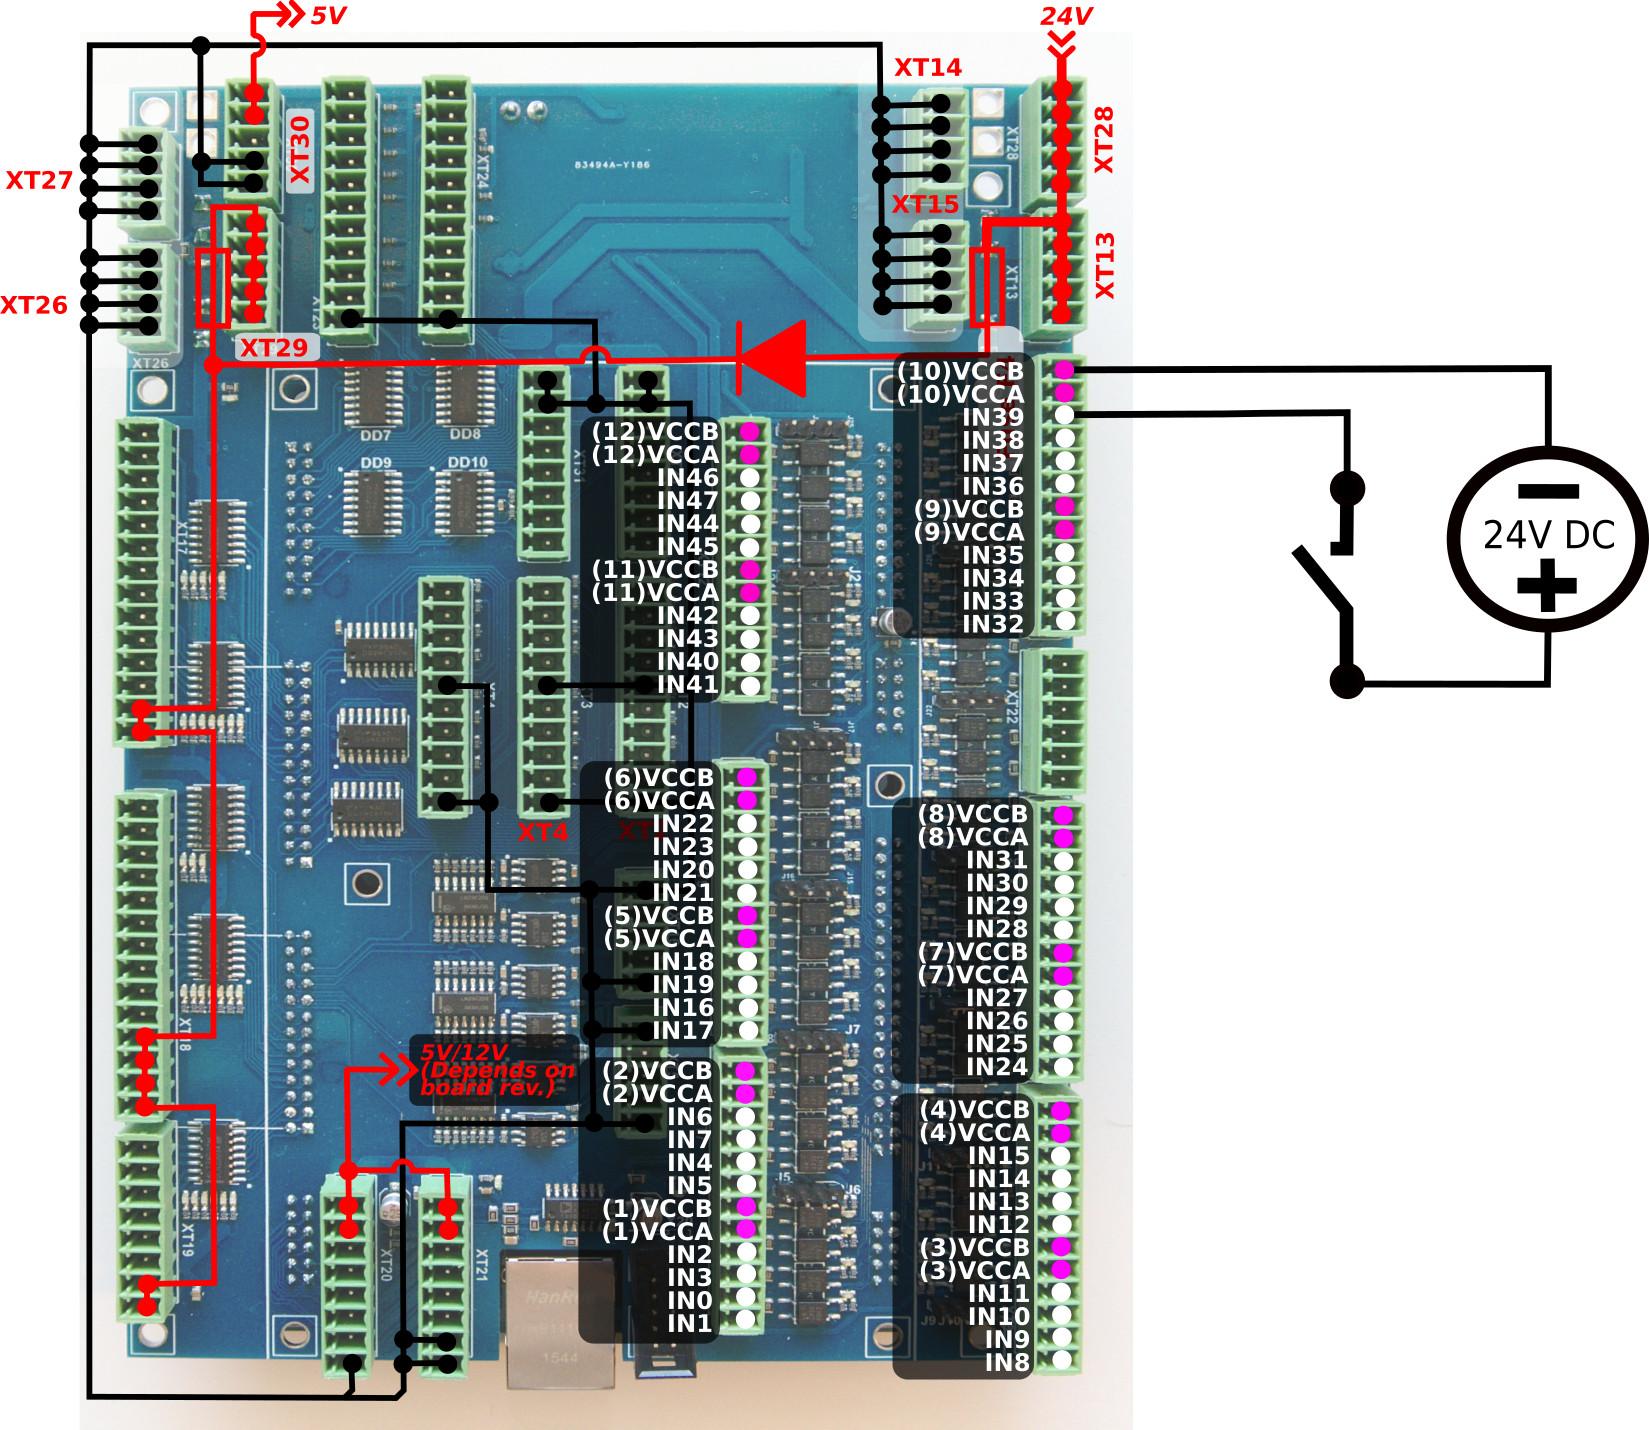 et10-j27-013-switch-external-2.jpg